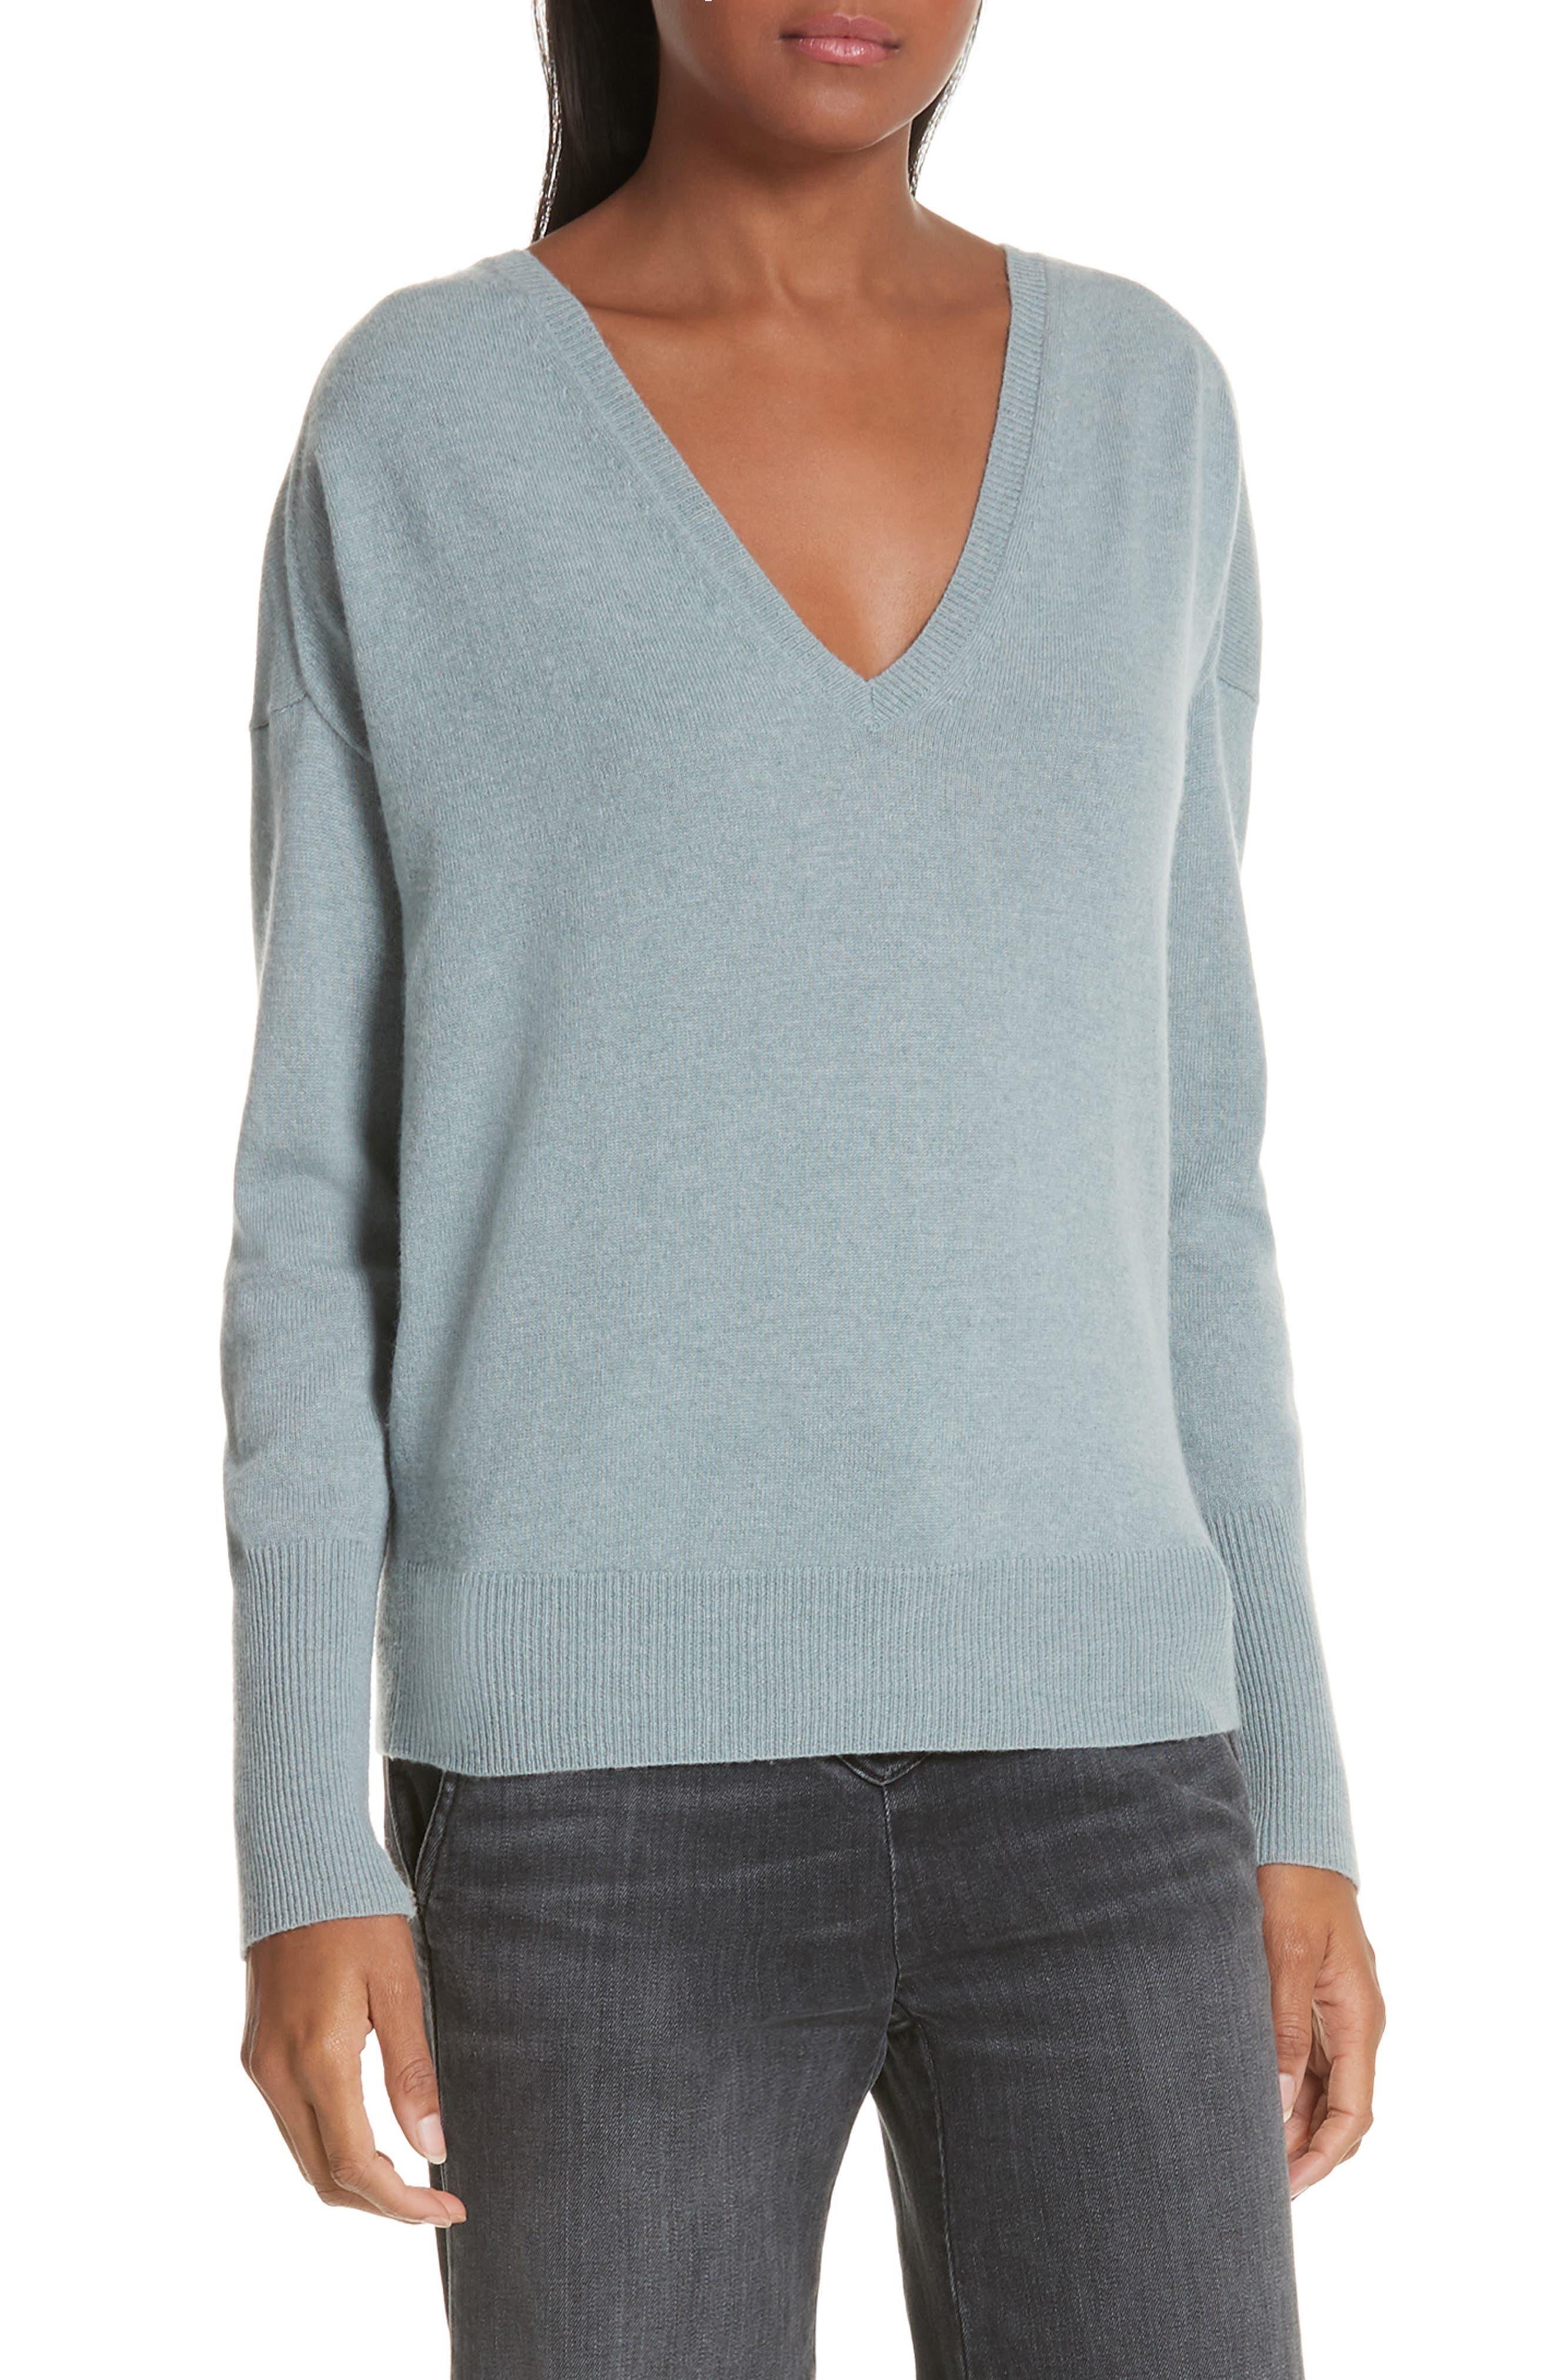 NILI LOTAN, Kylan Cashmere Sweater, Main thumbnail 1, color, SKY BLUE